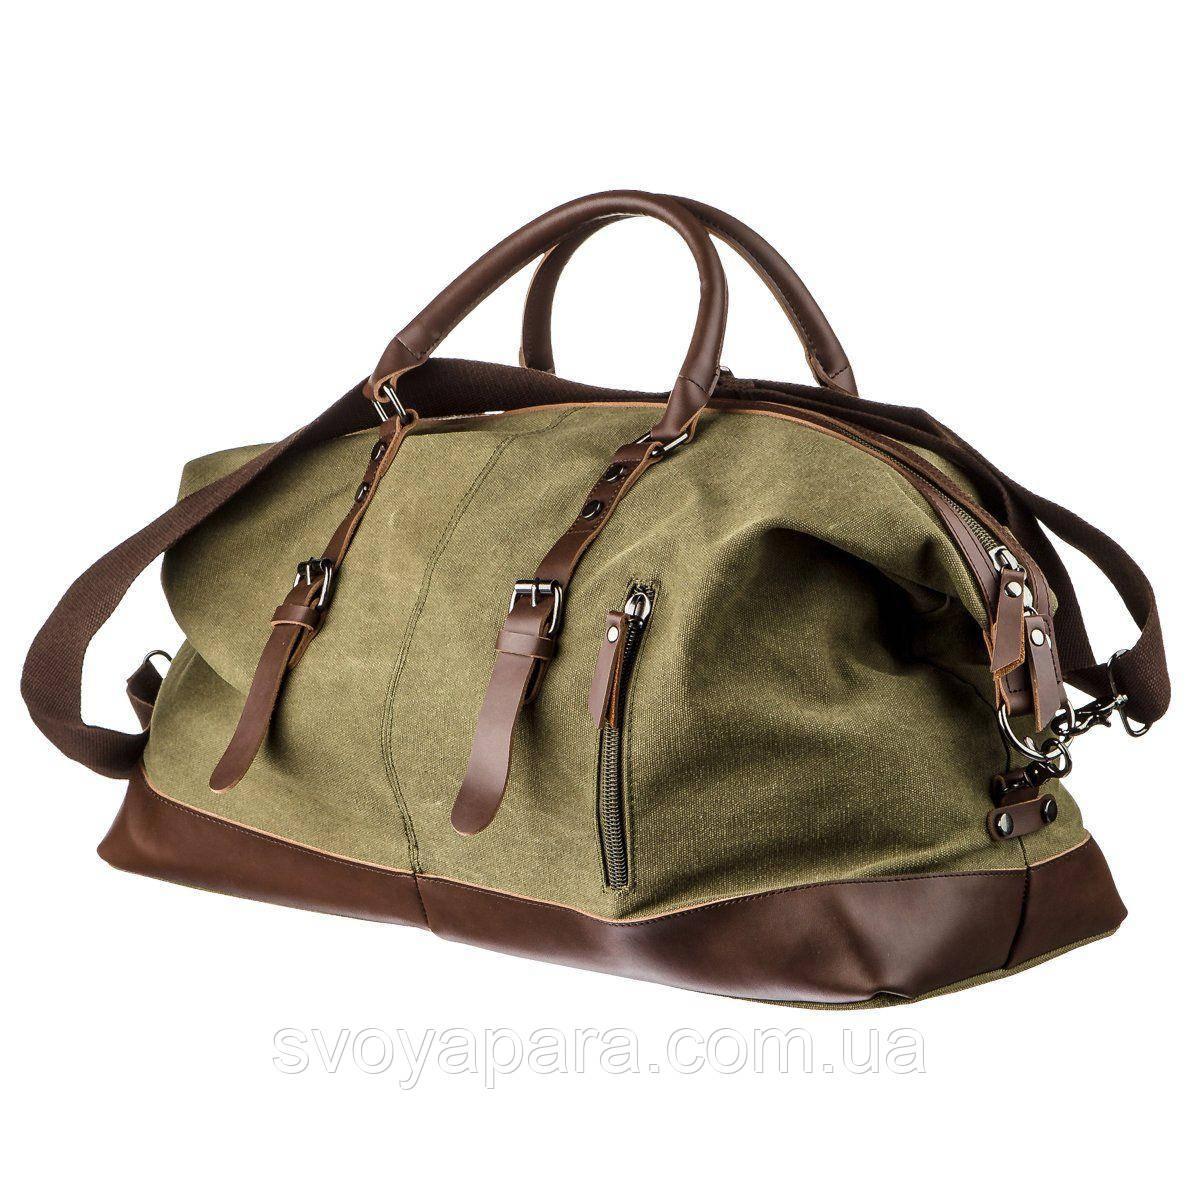 Дорожная сумка текстильная большая Vintage 20167 Зеленая